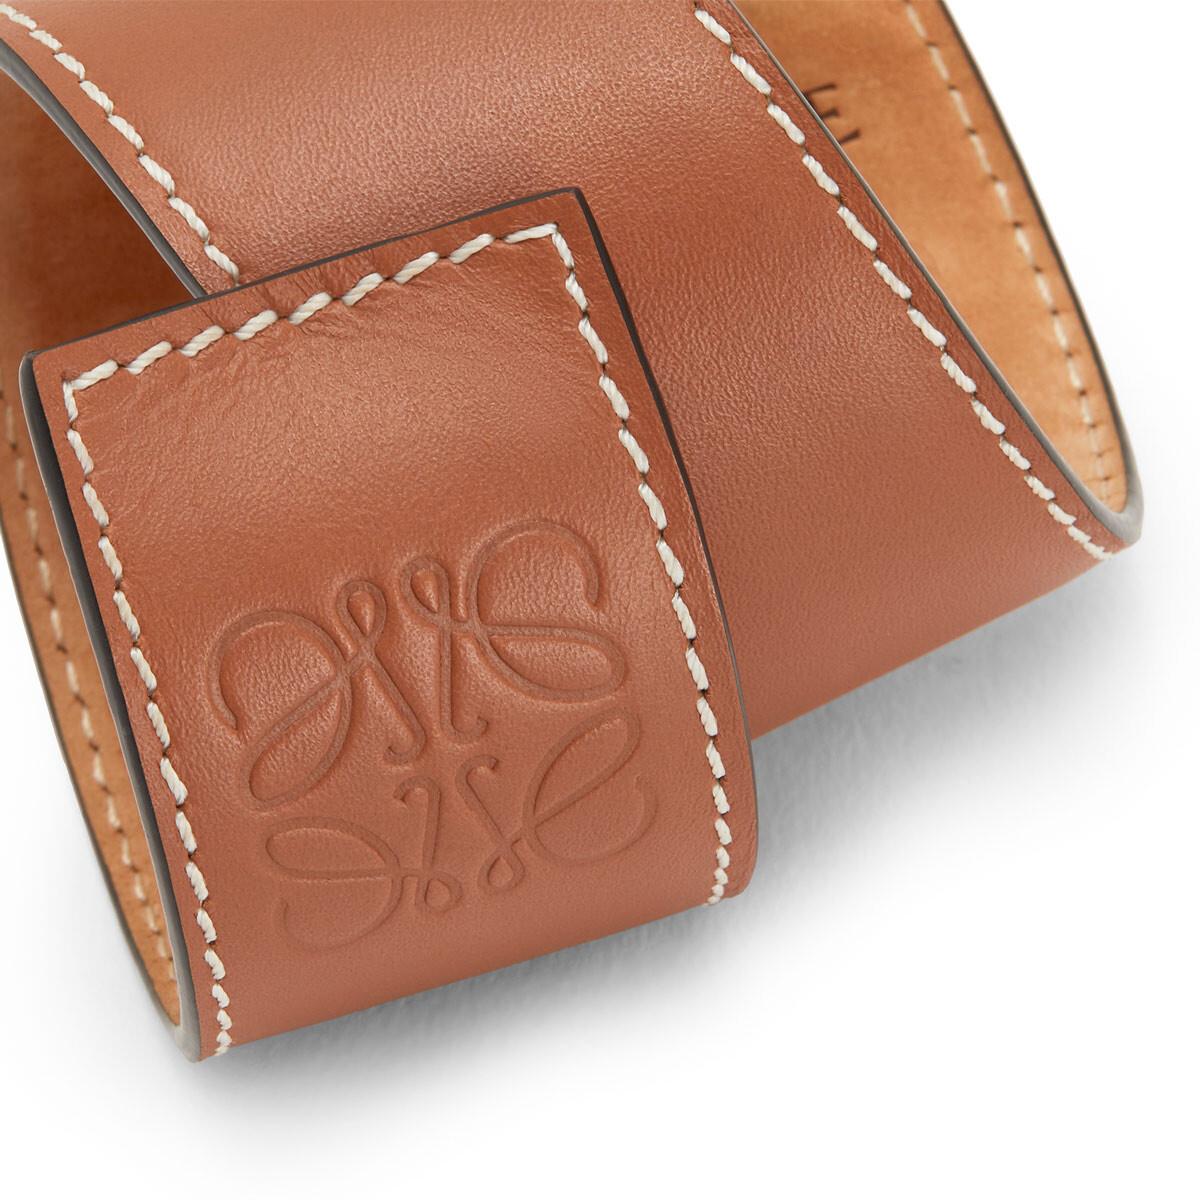 LOEWE Slap Bracelet Small 棕色 front